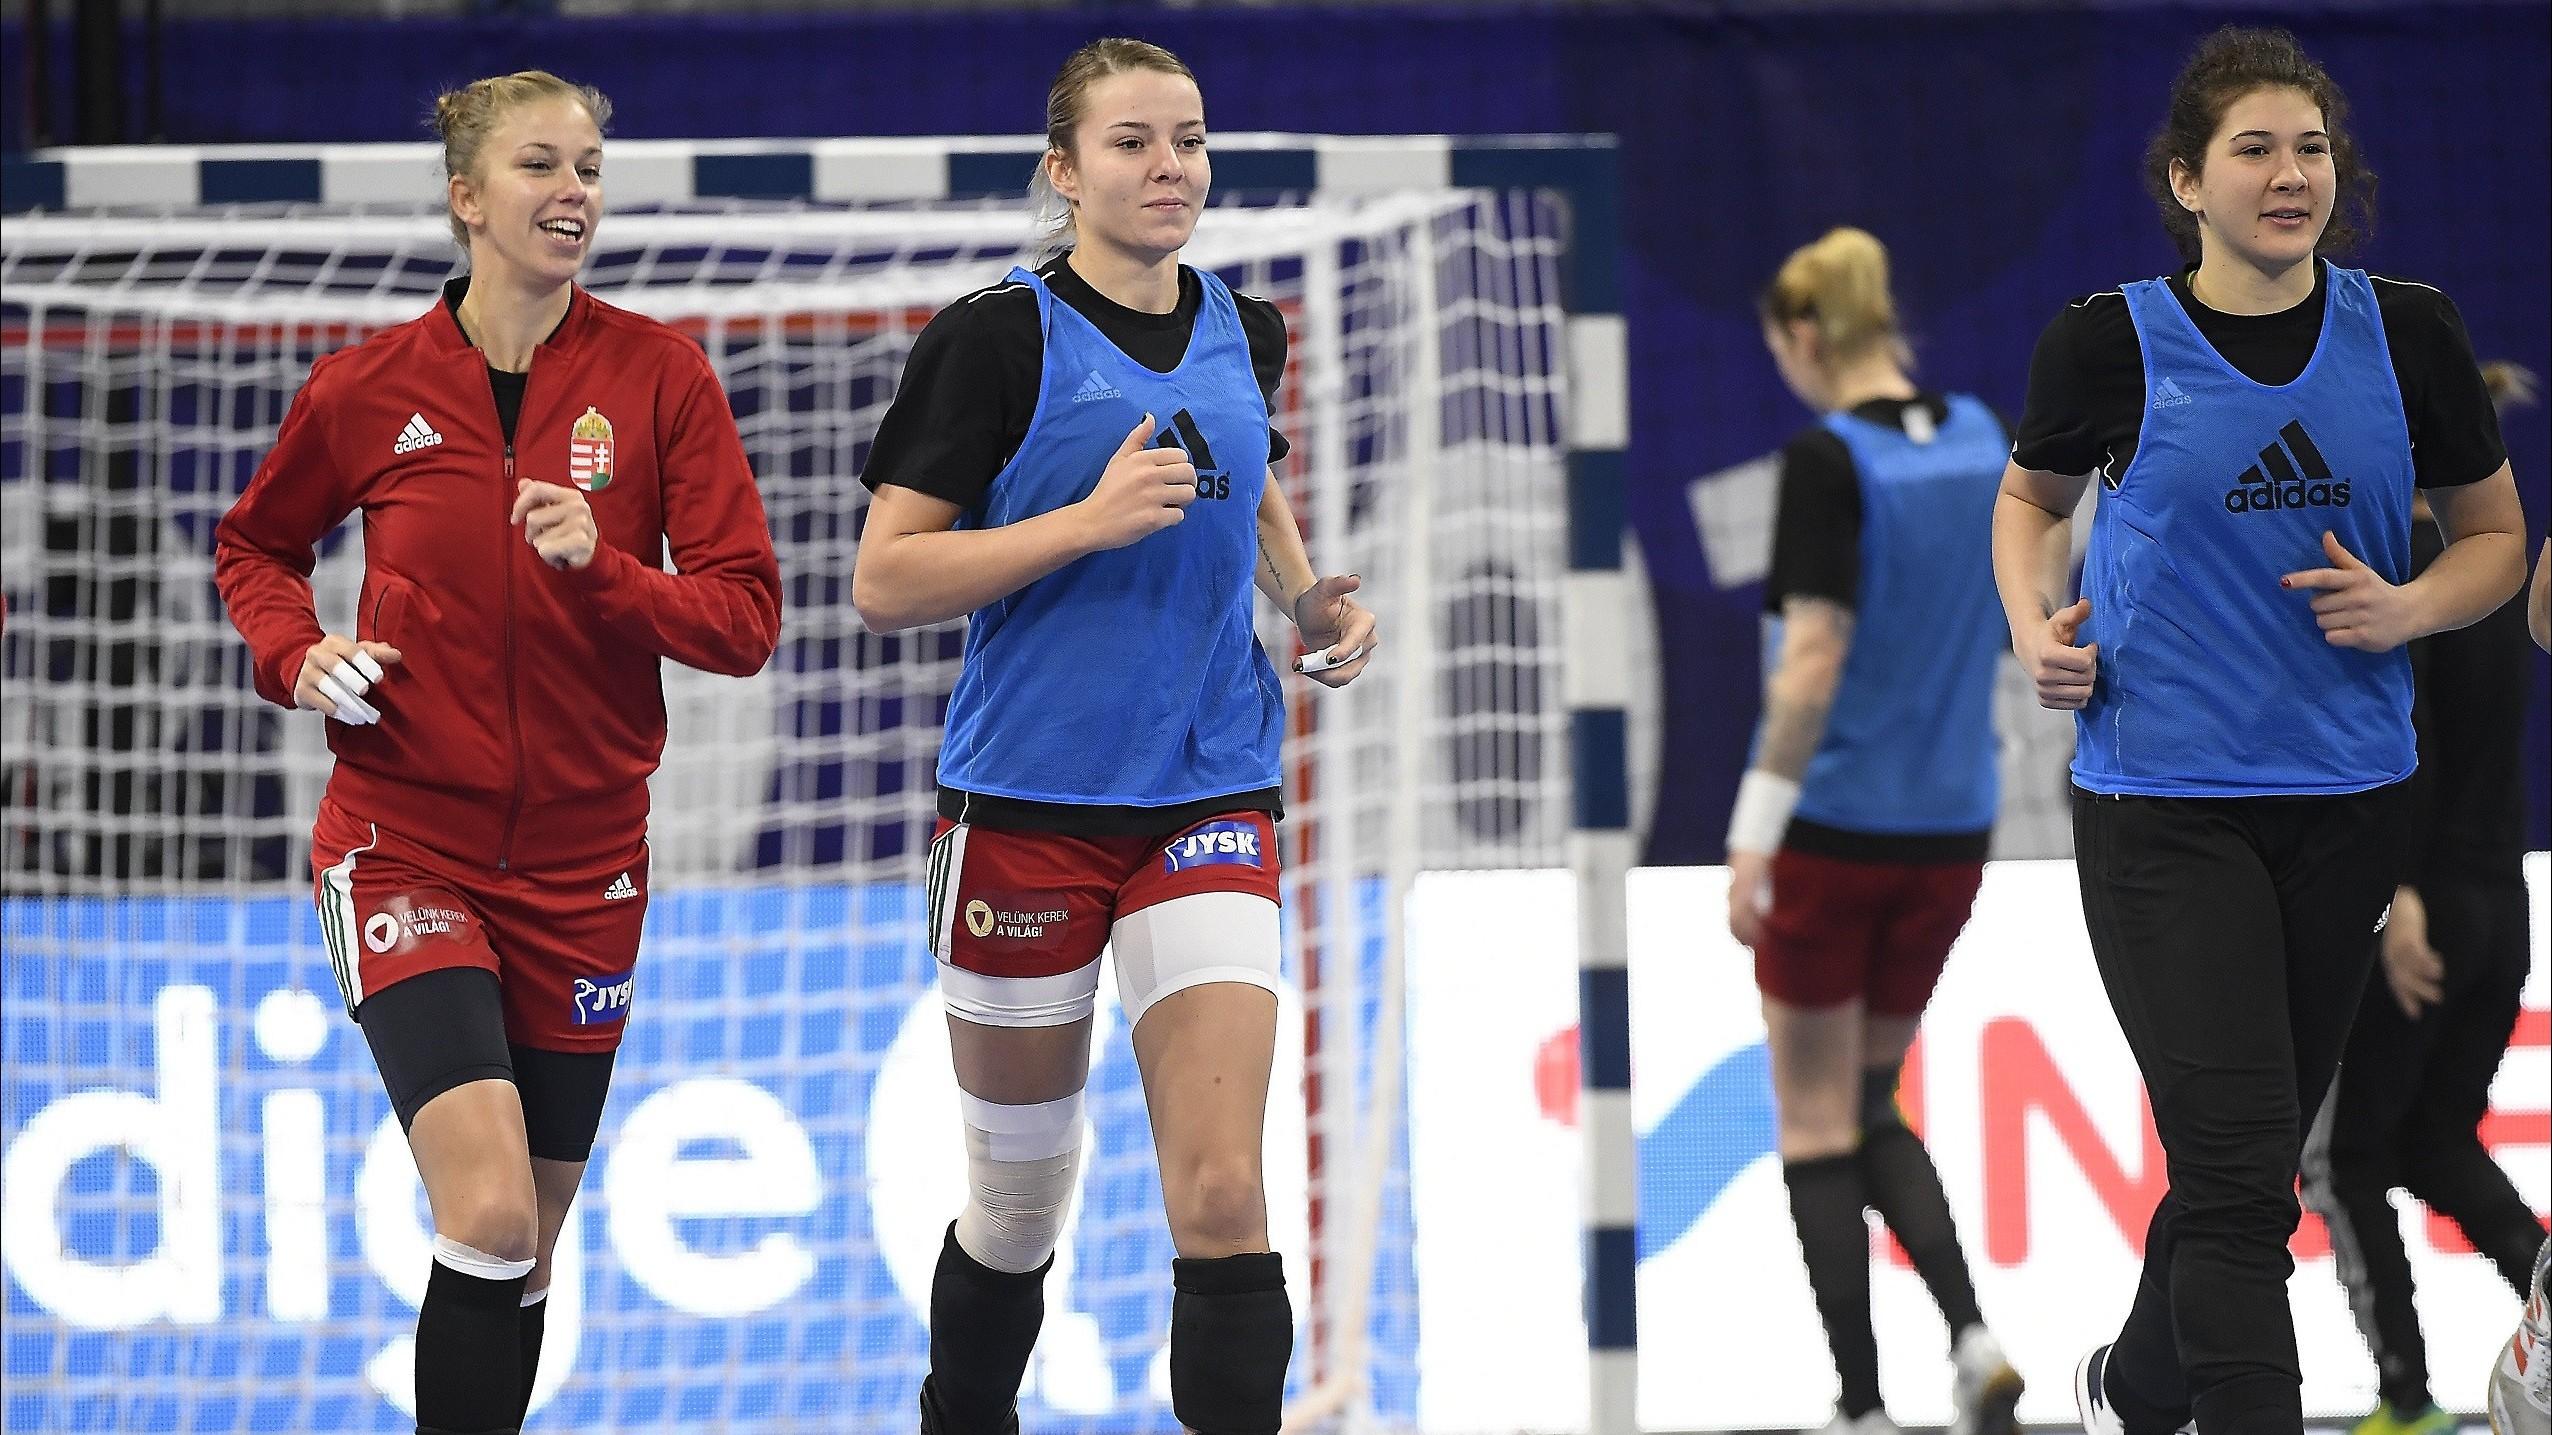 Csak a győzelem ér elődöntőt a női kézilabda Európa-bajnokságon